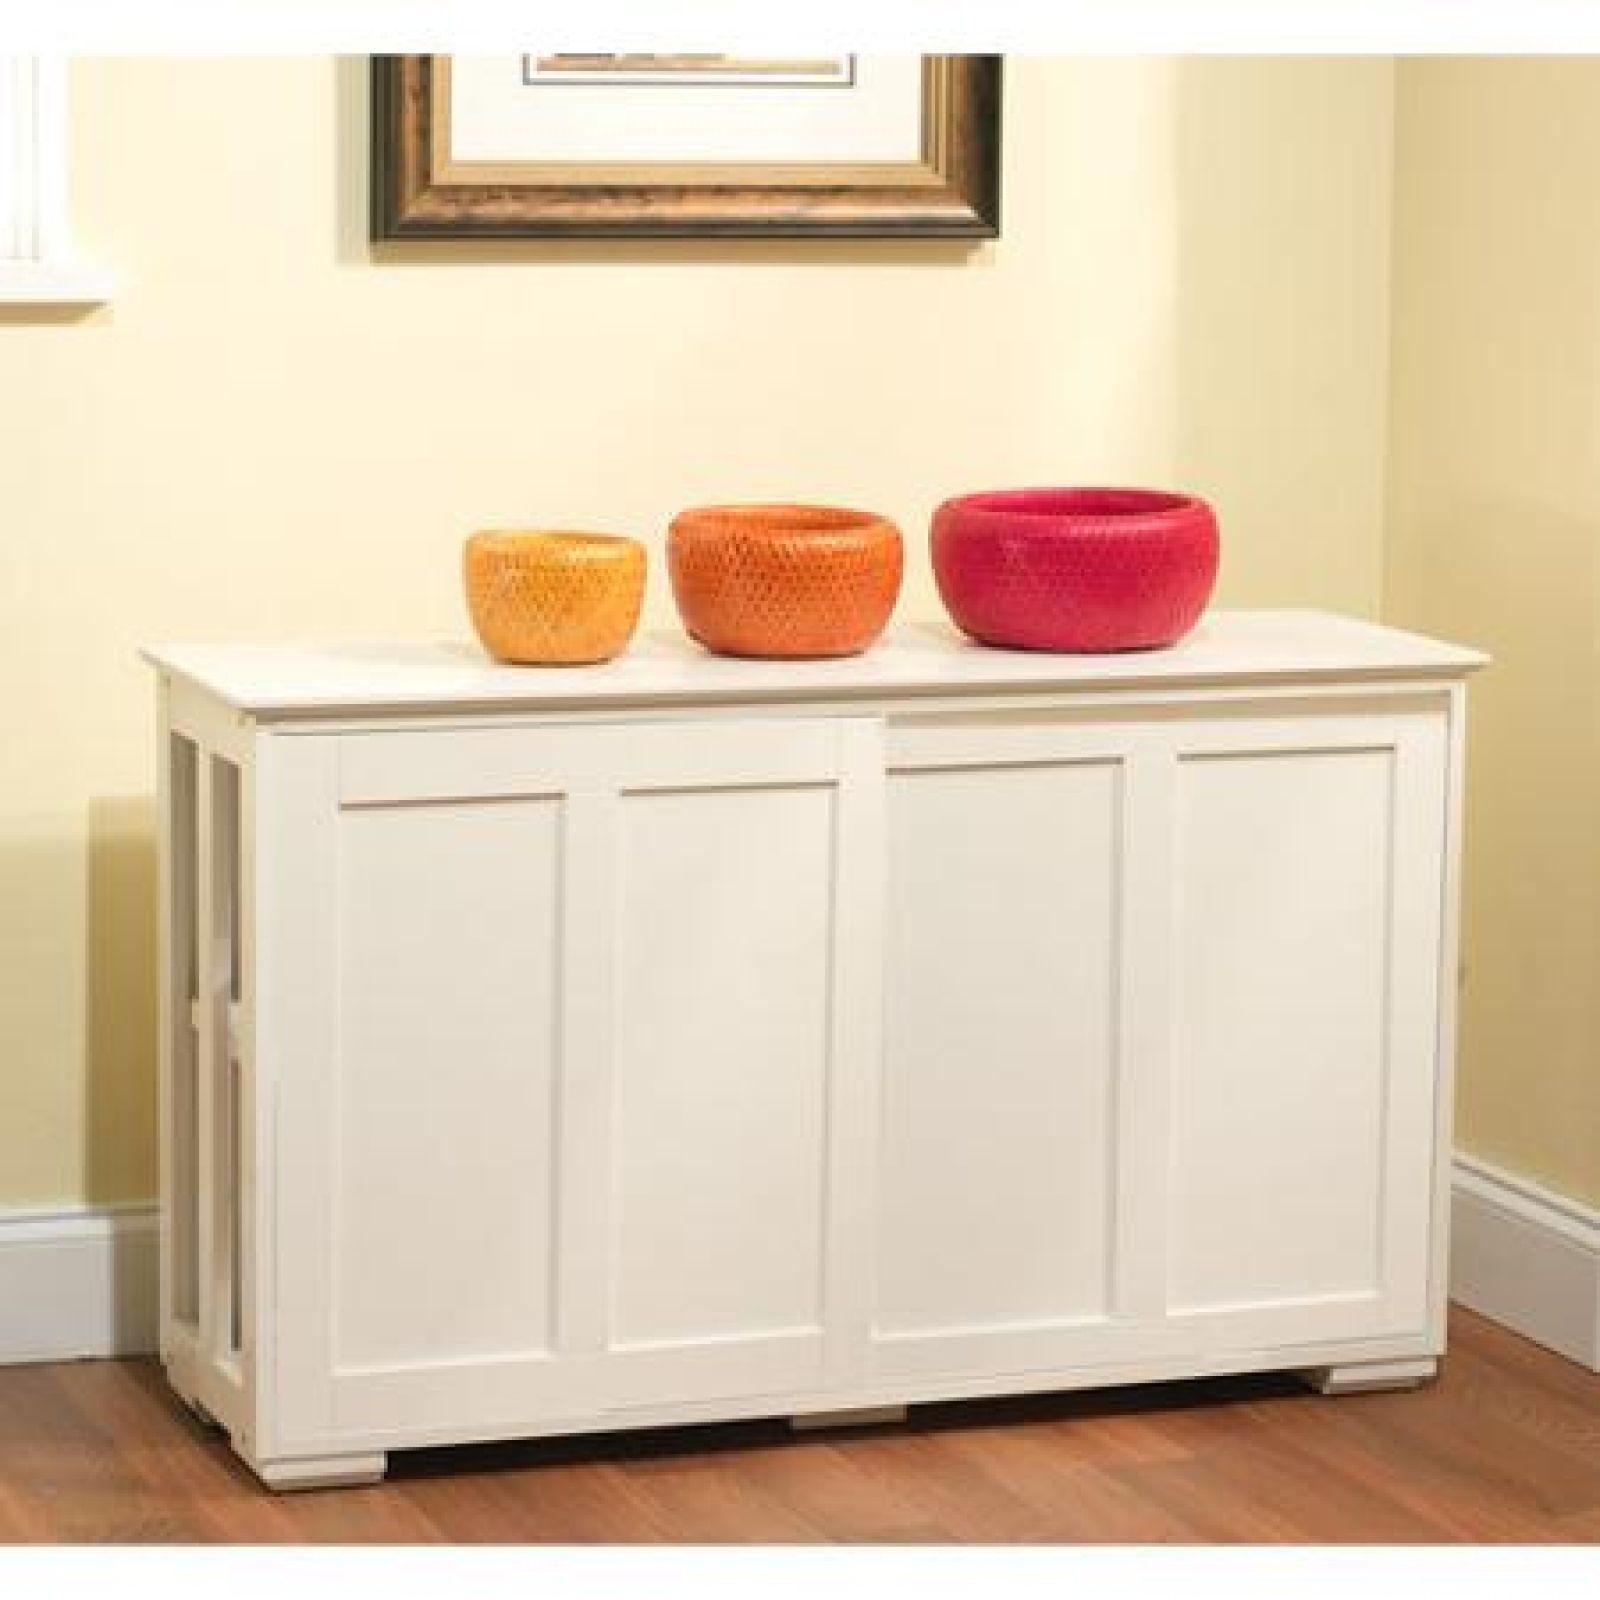 Storage Kitchen Cabinets: White Kitchen Storage Cabinet Stackable Sliding Door Wood